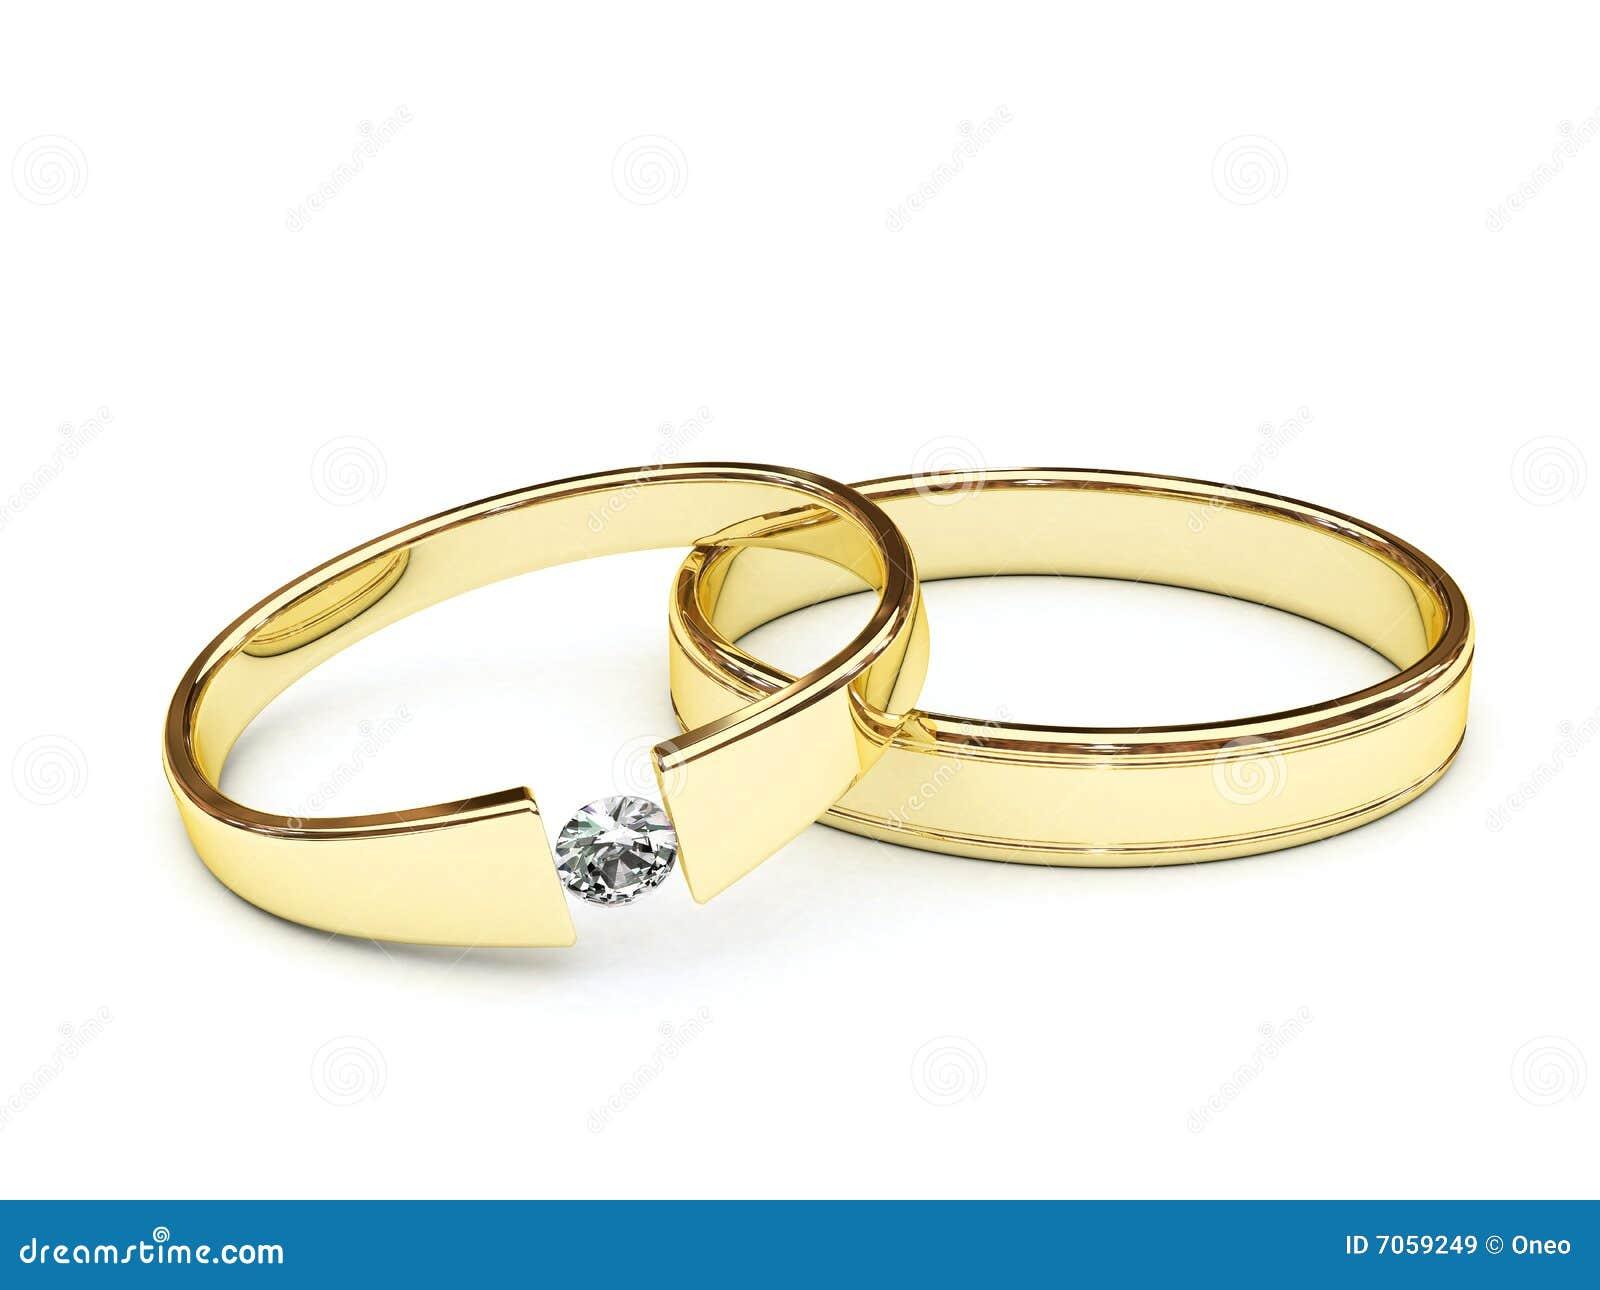 Gouden Ringen Met Diamant Royalty vrije Stock Afbeeldingen   Afbeelding  7059249